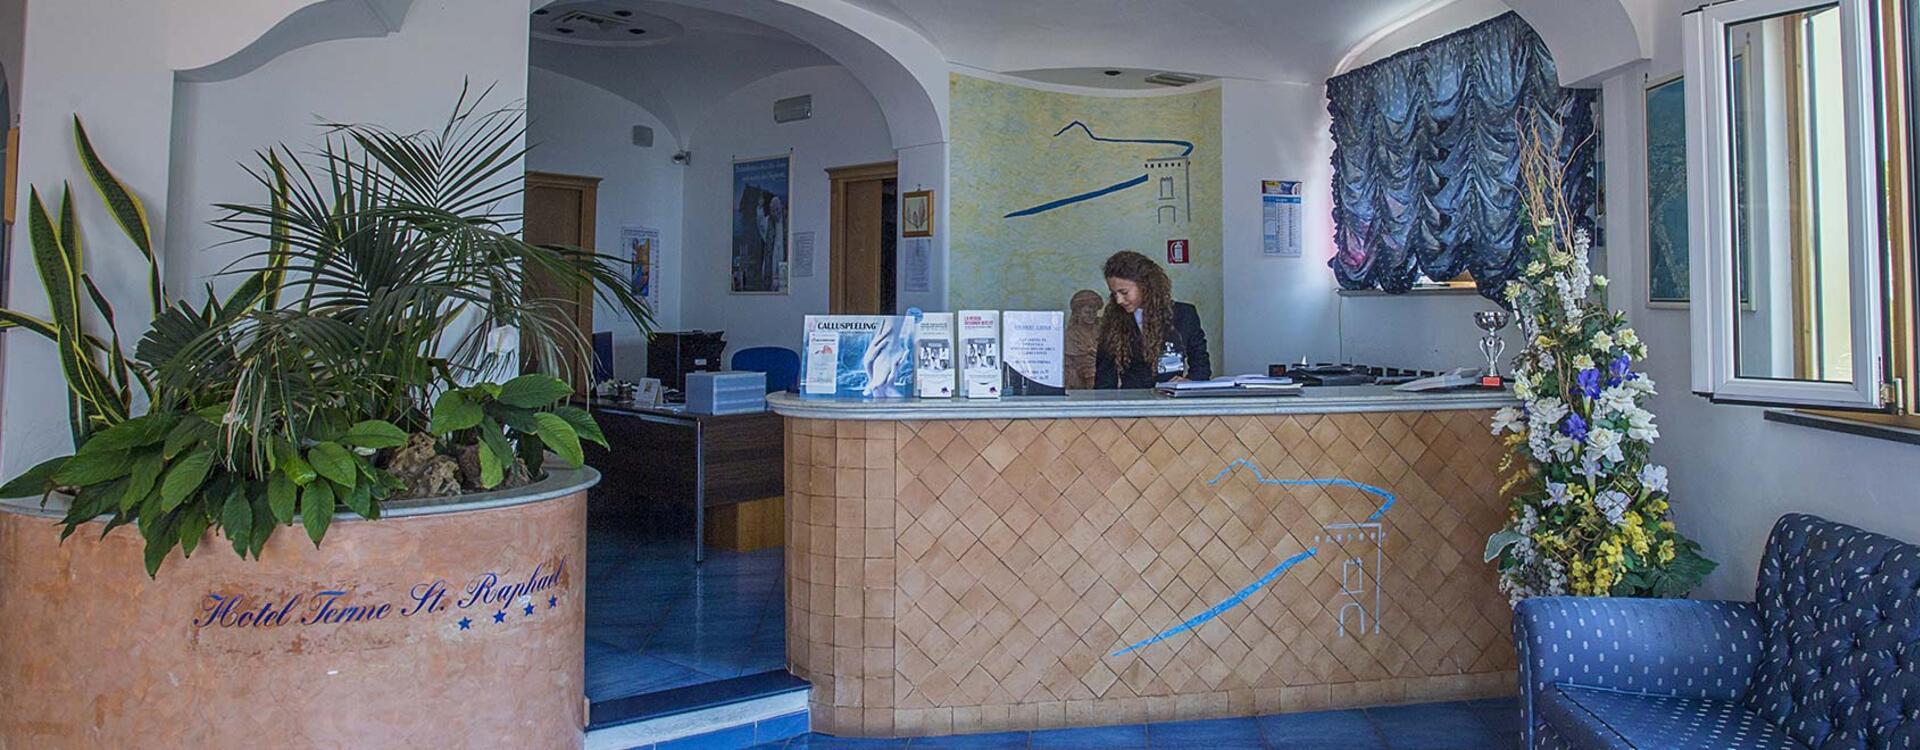 hotelsaintraphaelischia en contacts 009